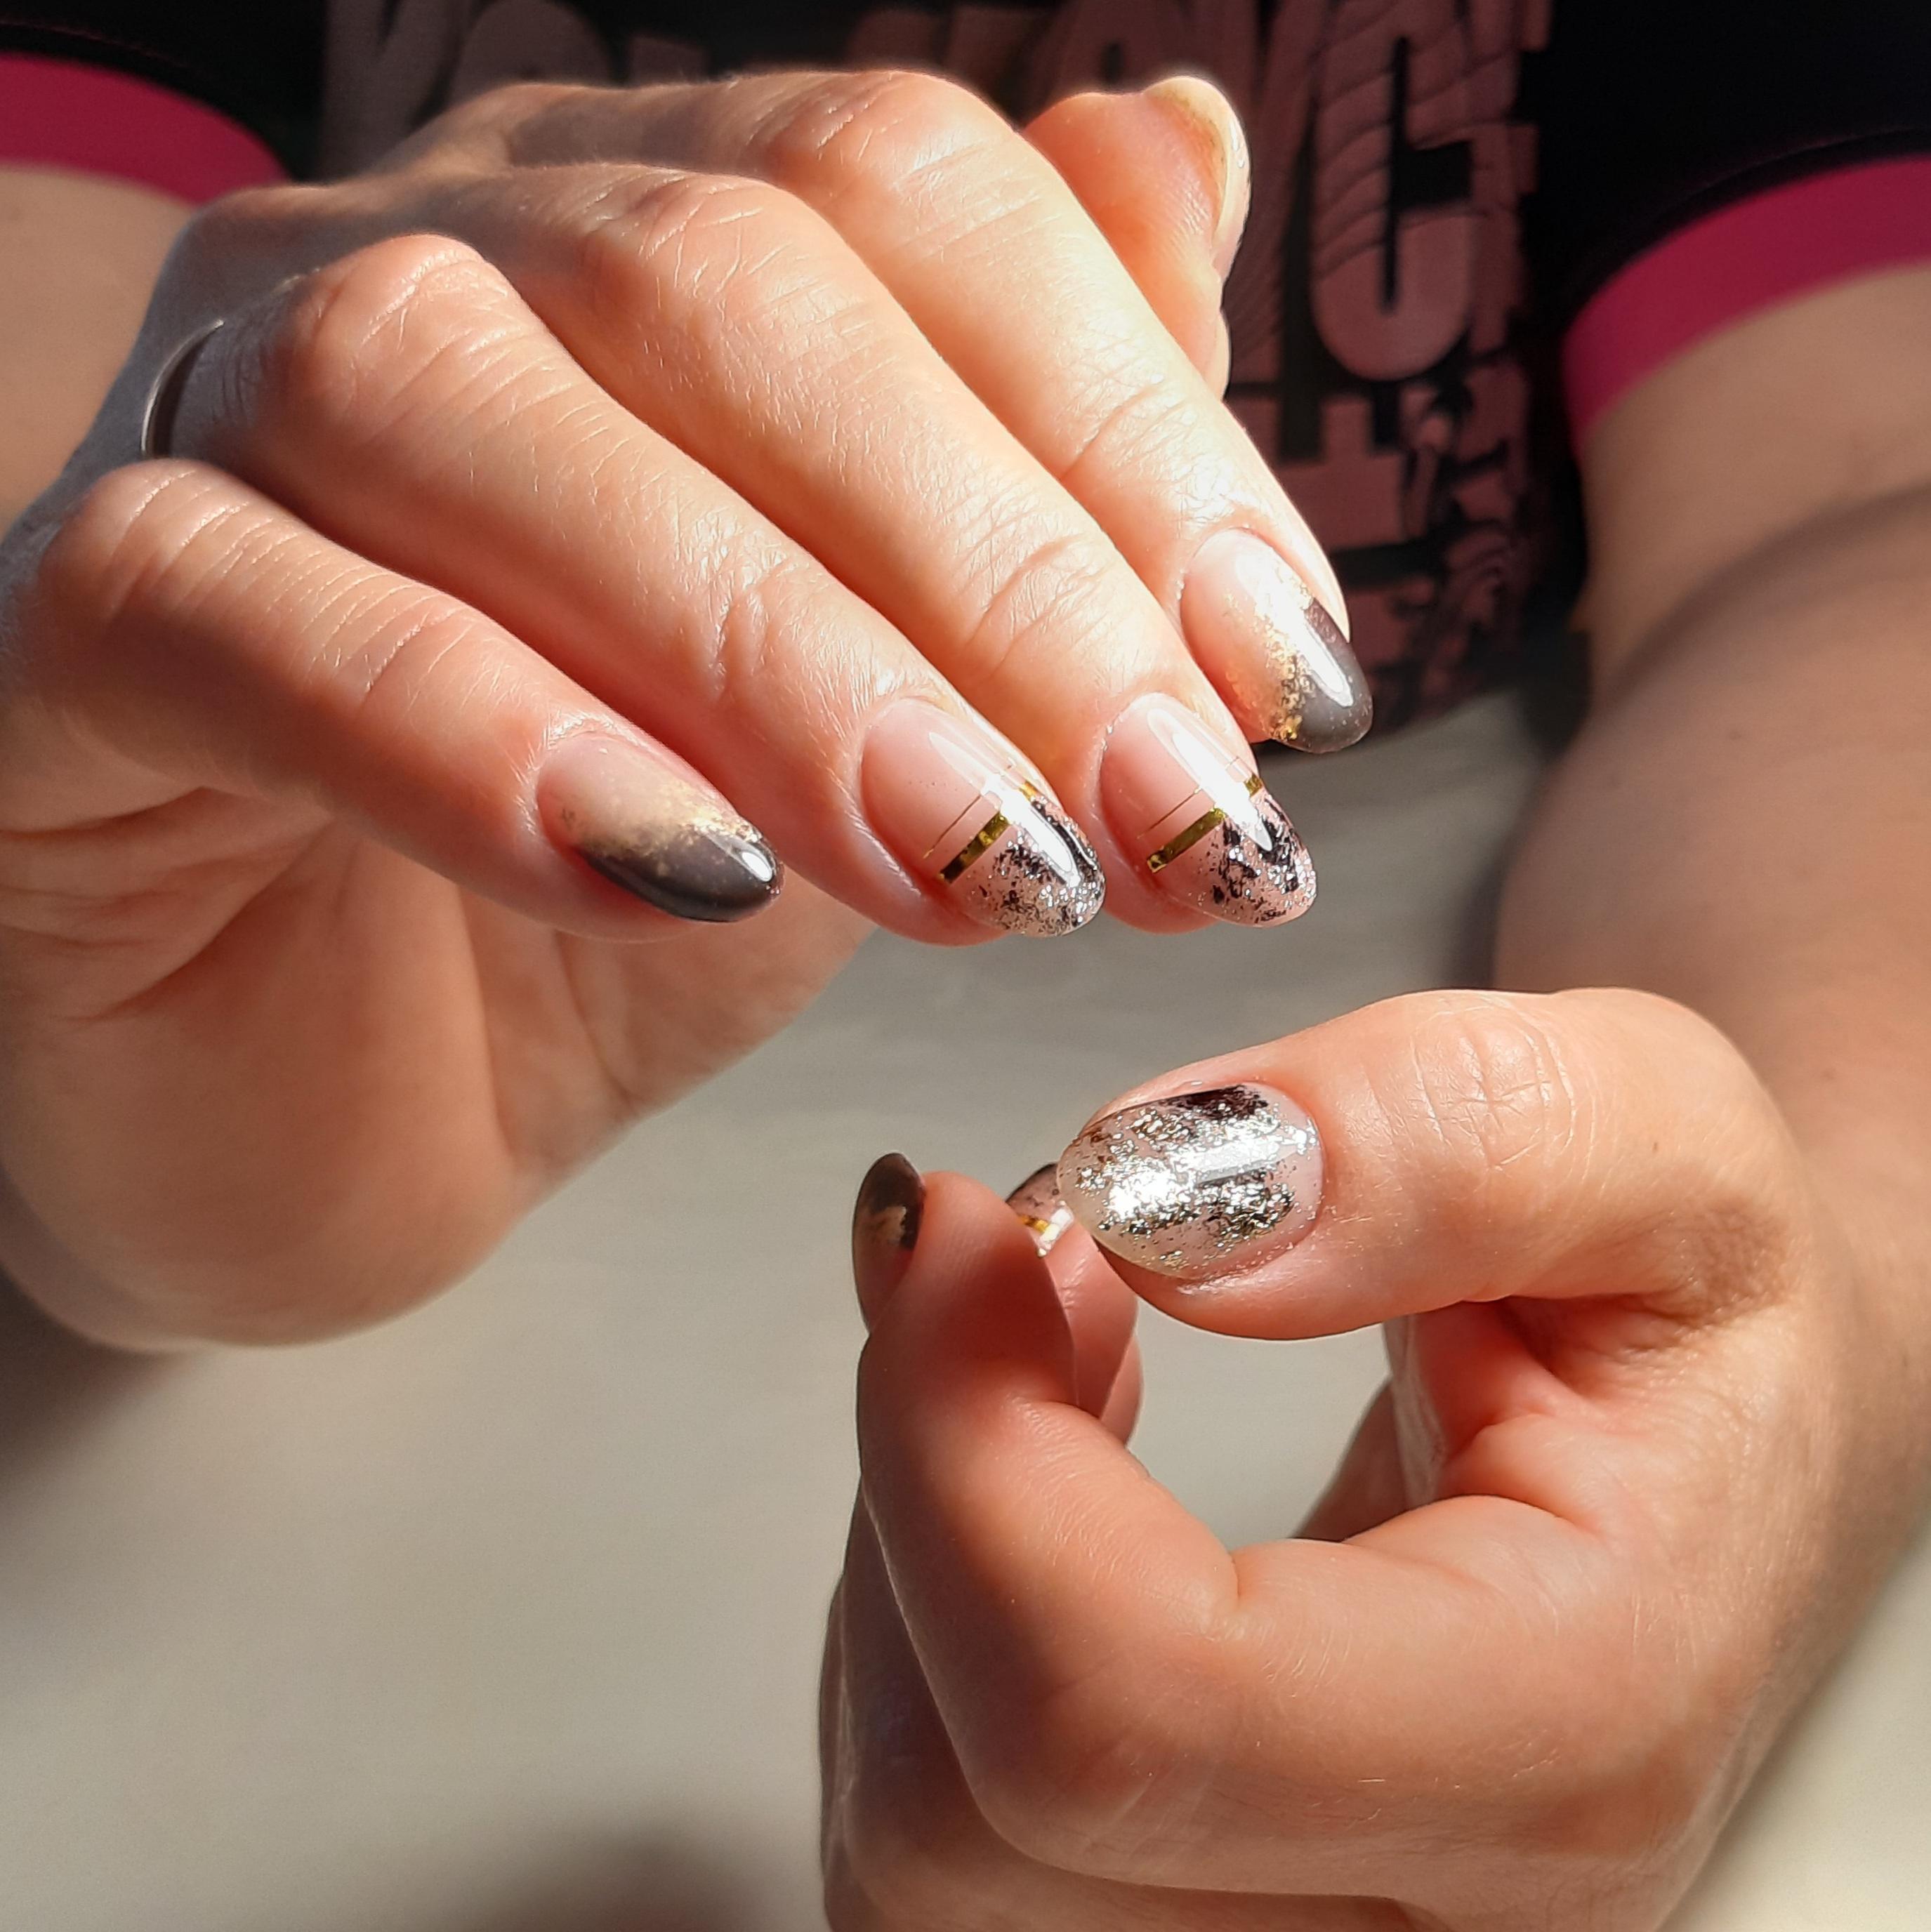 Нюдовый маникюр с фольгой и золотыми полосками на короткие ногти.